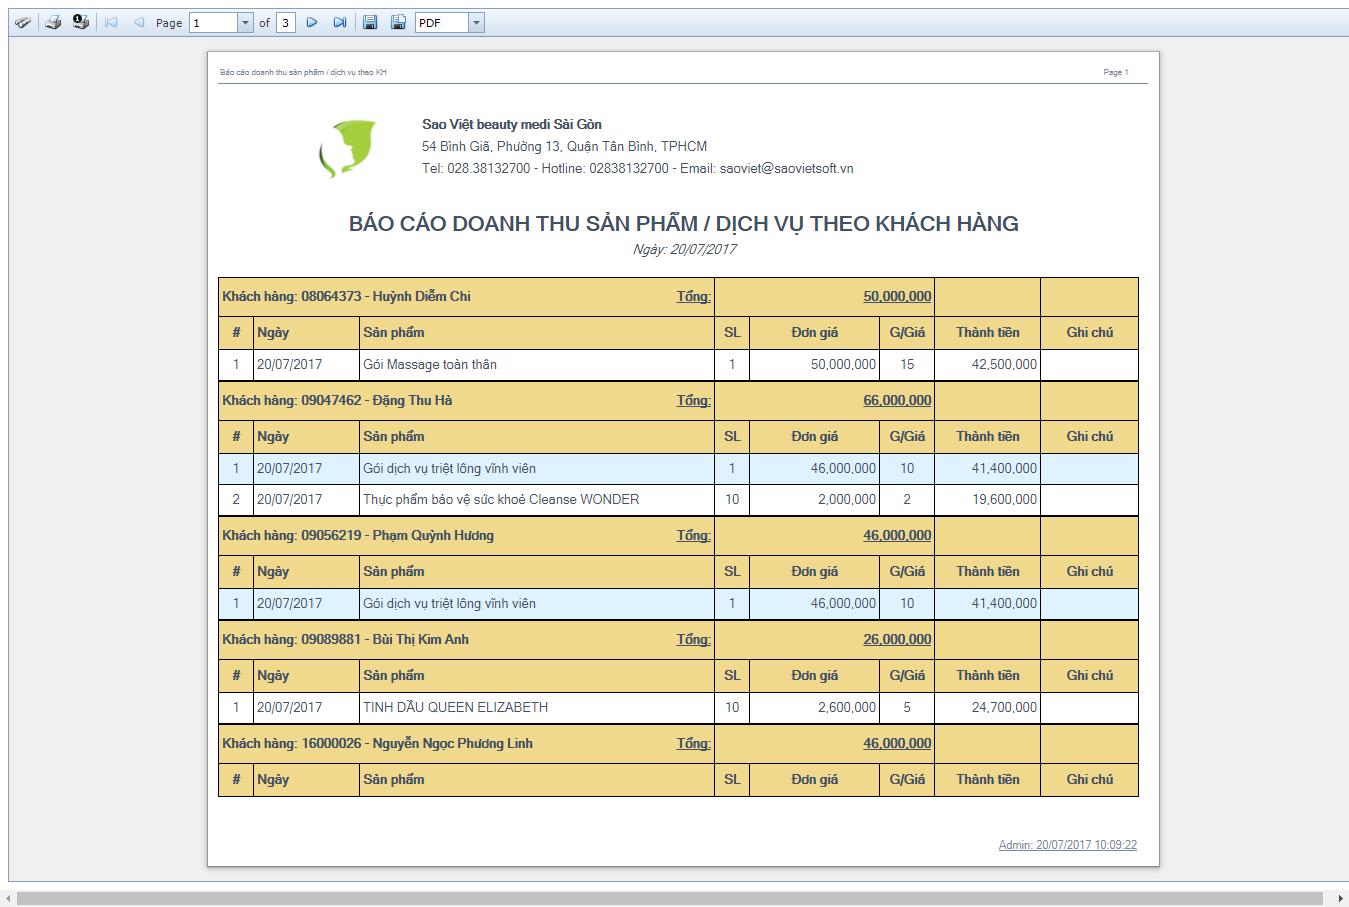 Báo cáo doanh thu sản phẩm / dịch vụ theo khách hàng